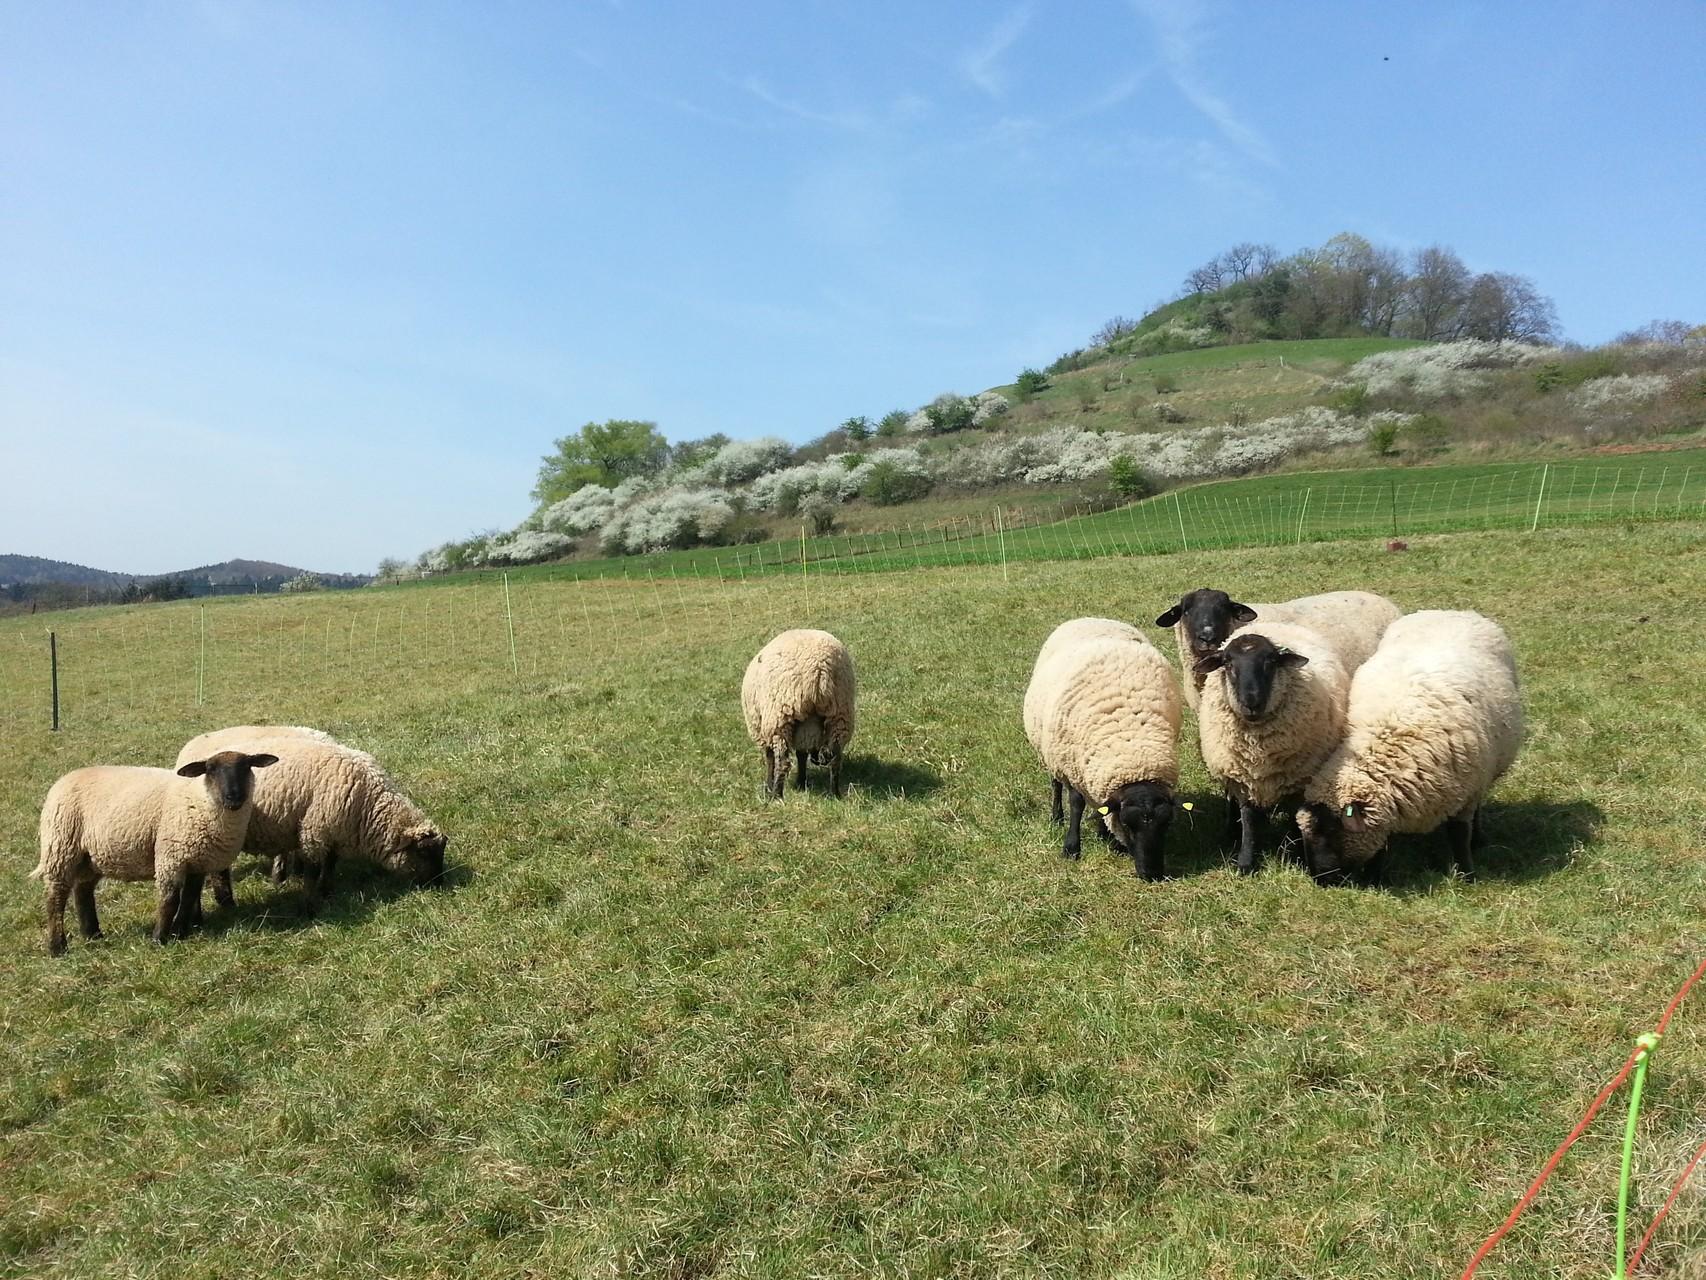 Grasende Schafe am Hügel hinter dem Gebäude